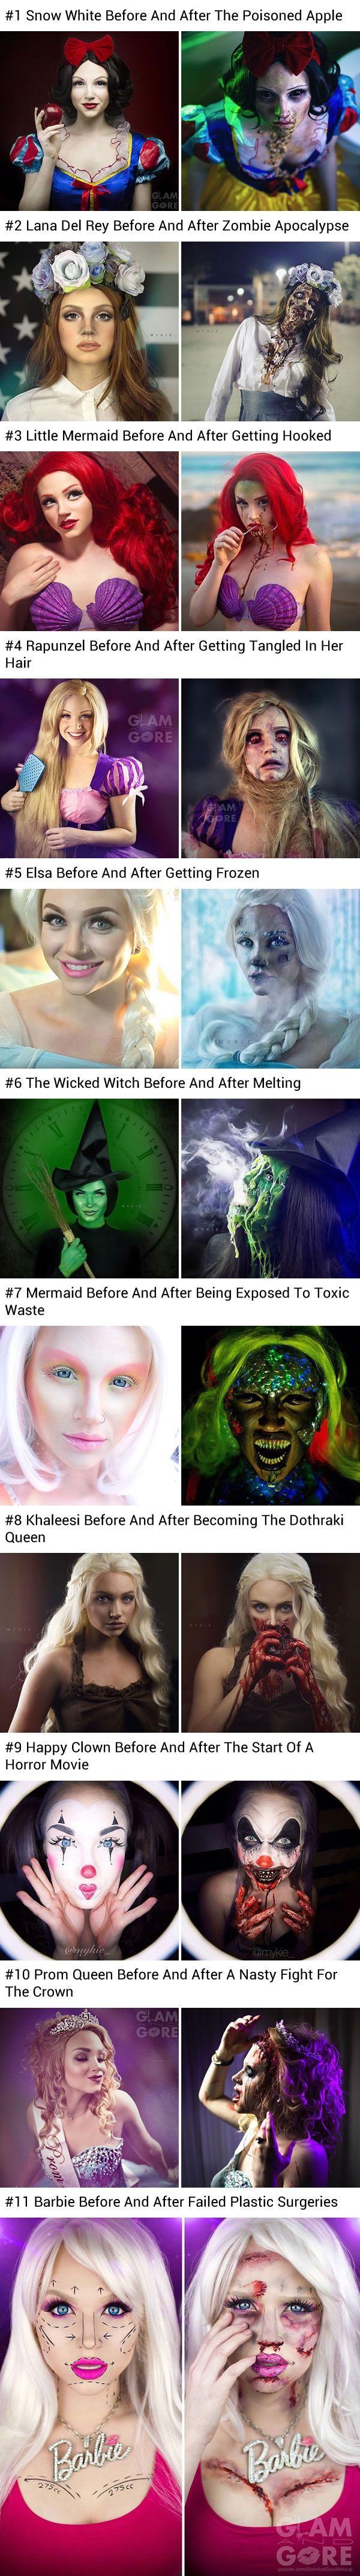 Makeup artist shows horrifying fate of Disney princesses